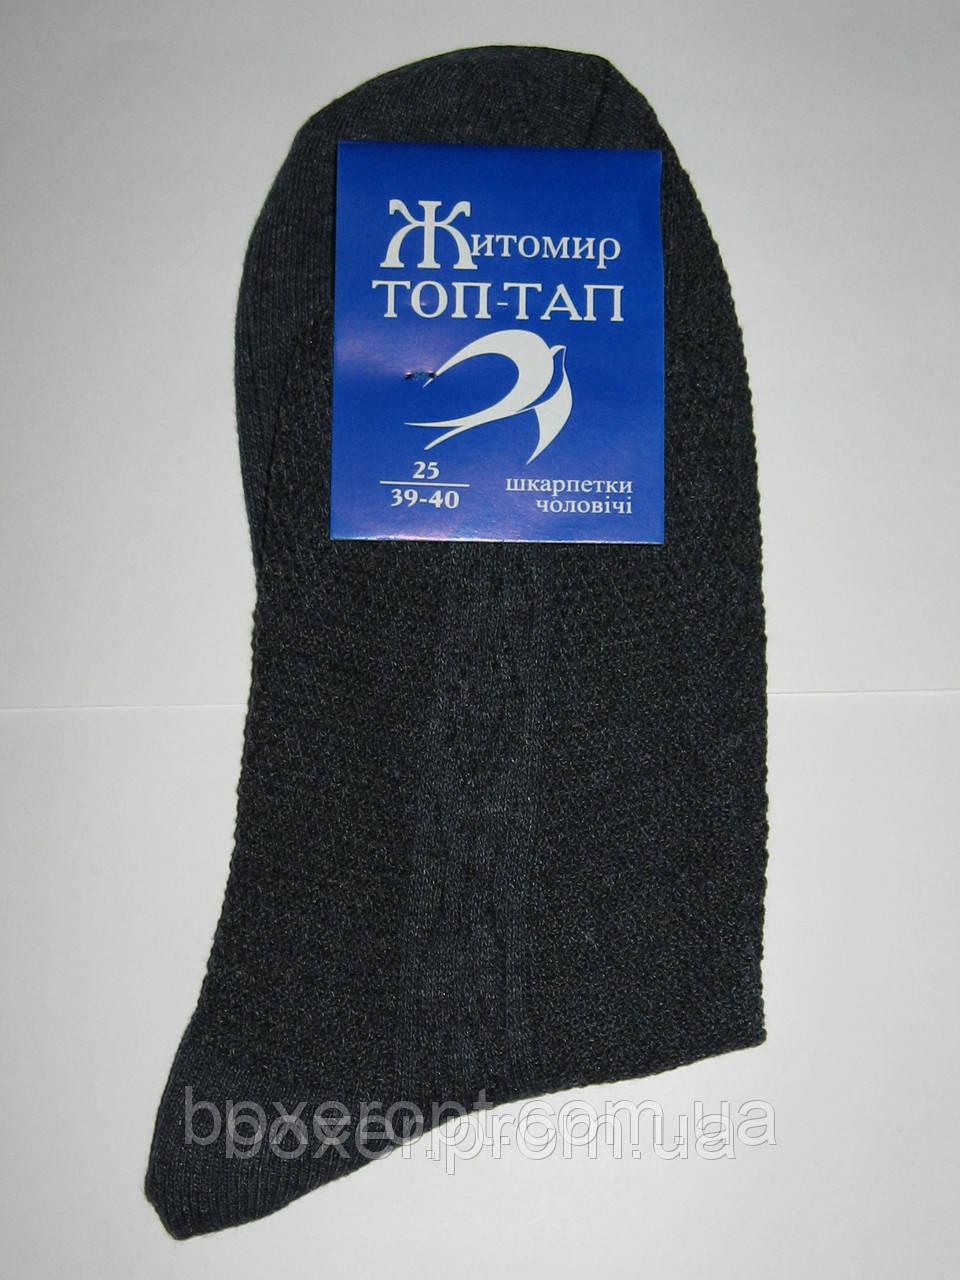 Мужские носки ТОП-ТАП - 6.00 грн./пара (сетка, джинсовые)